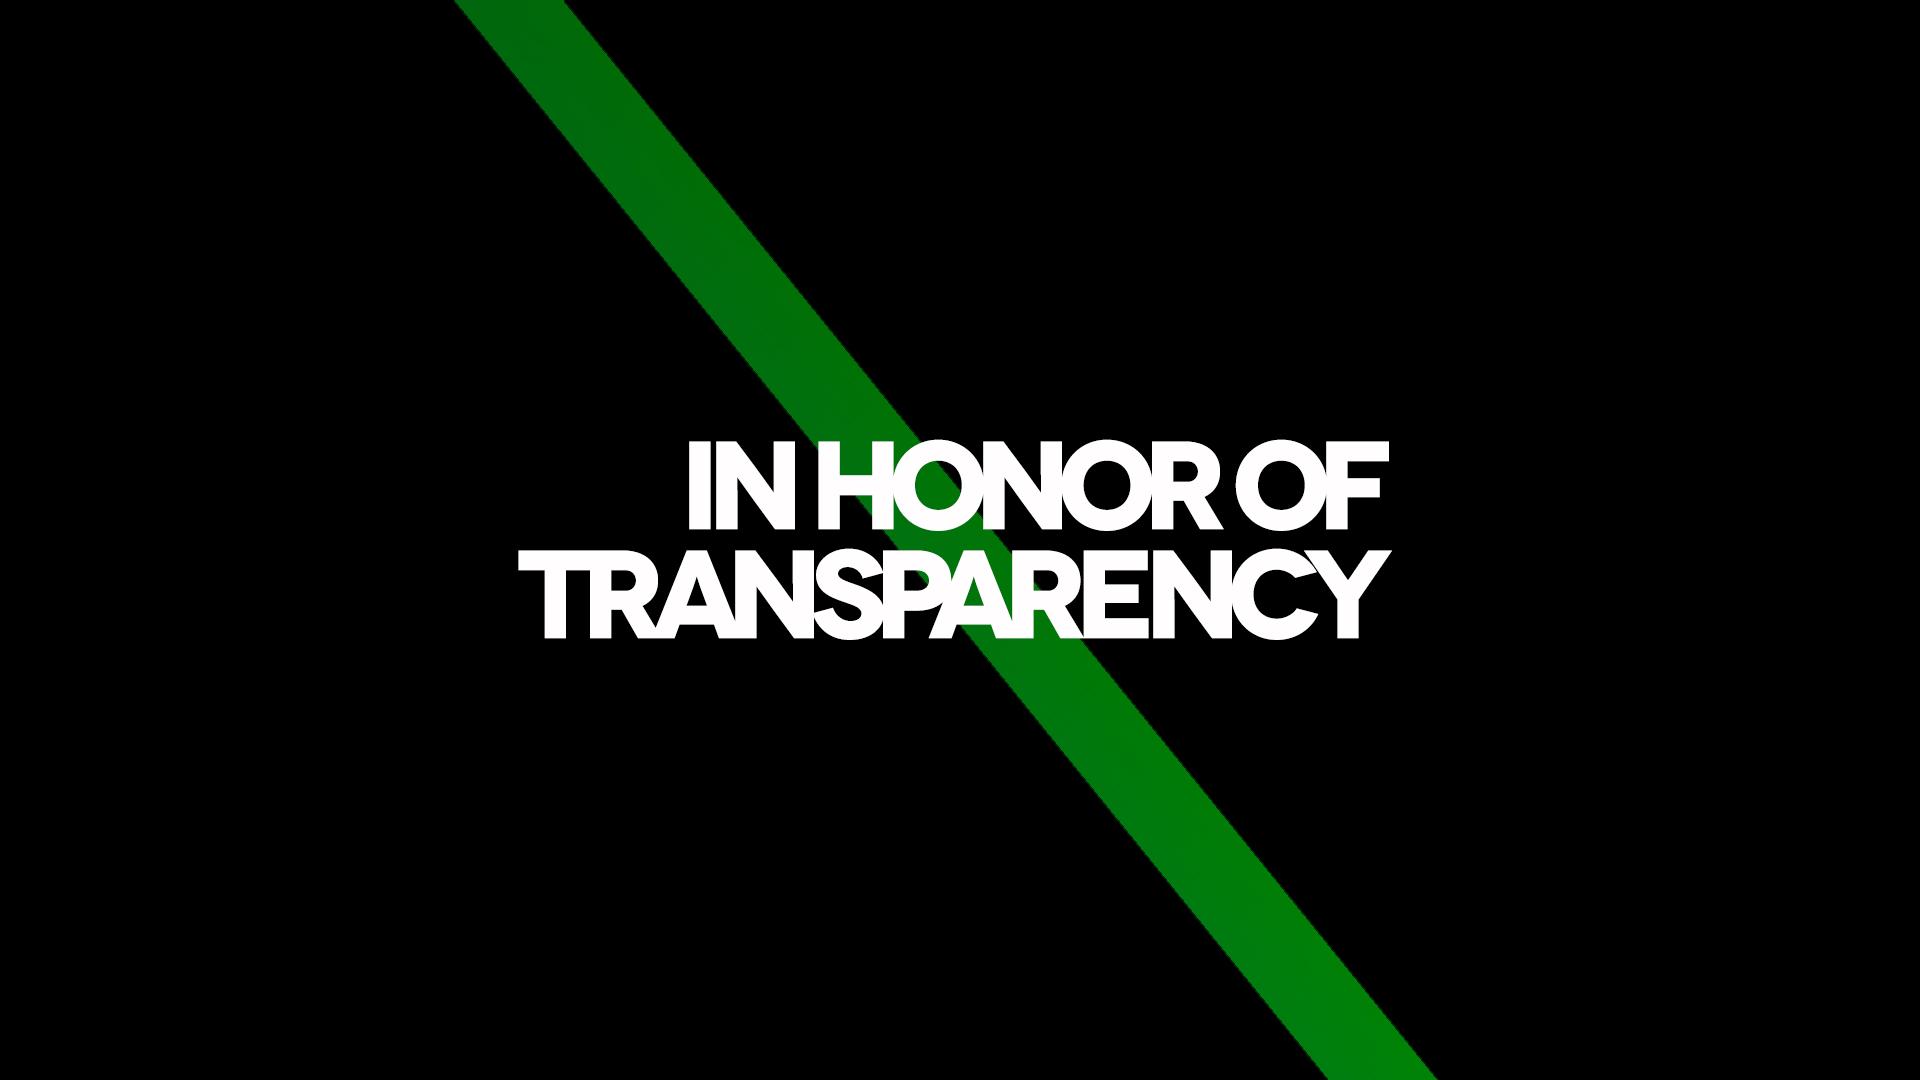 2013-Transparency.jpg